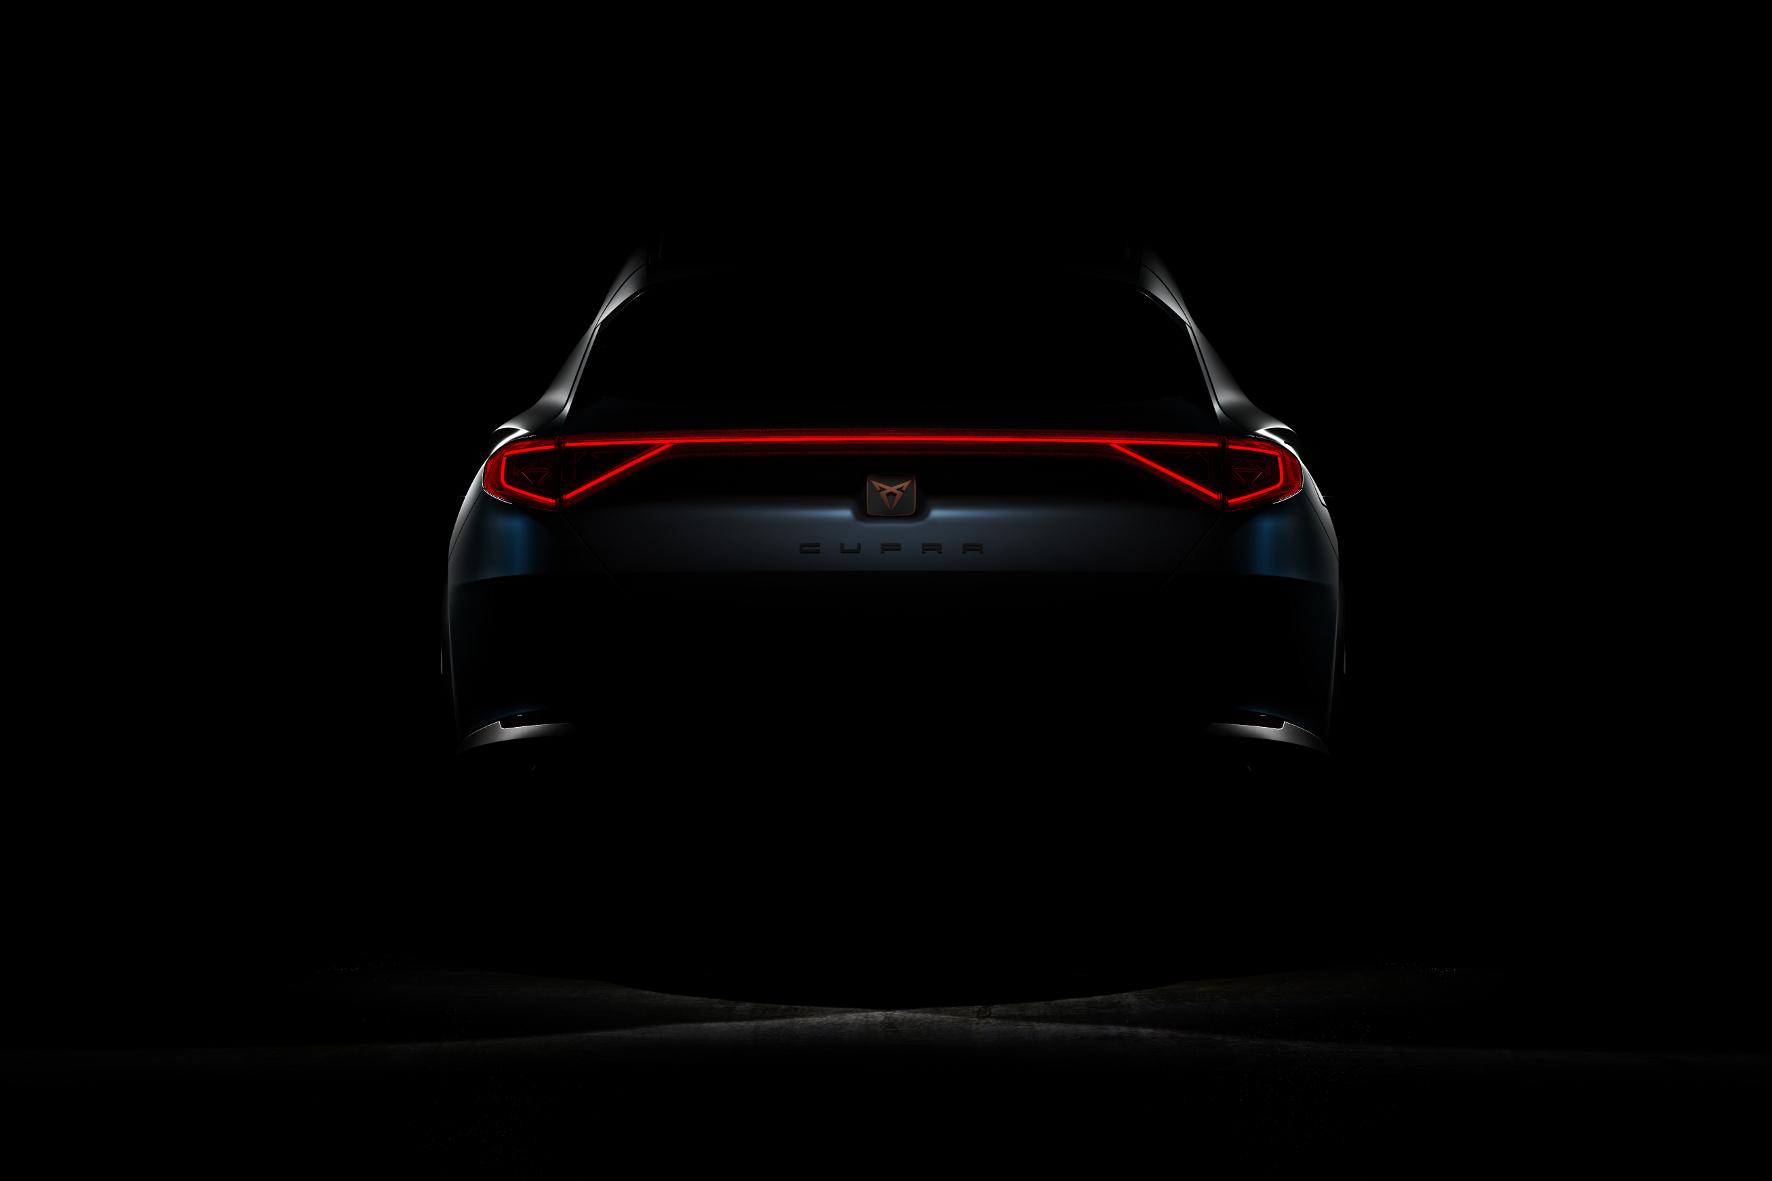 mid Groß-Gerau - Langsam lichtet sich das Geheimnis um das Concept-Car der jungen Marke Cupra. Seat